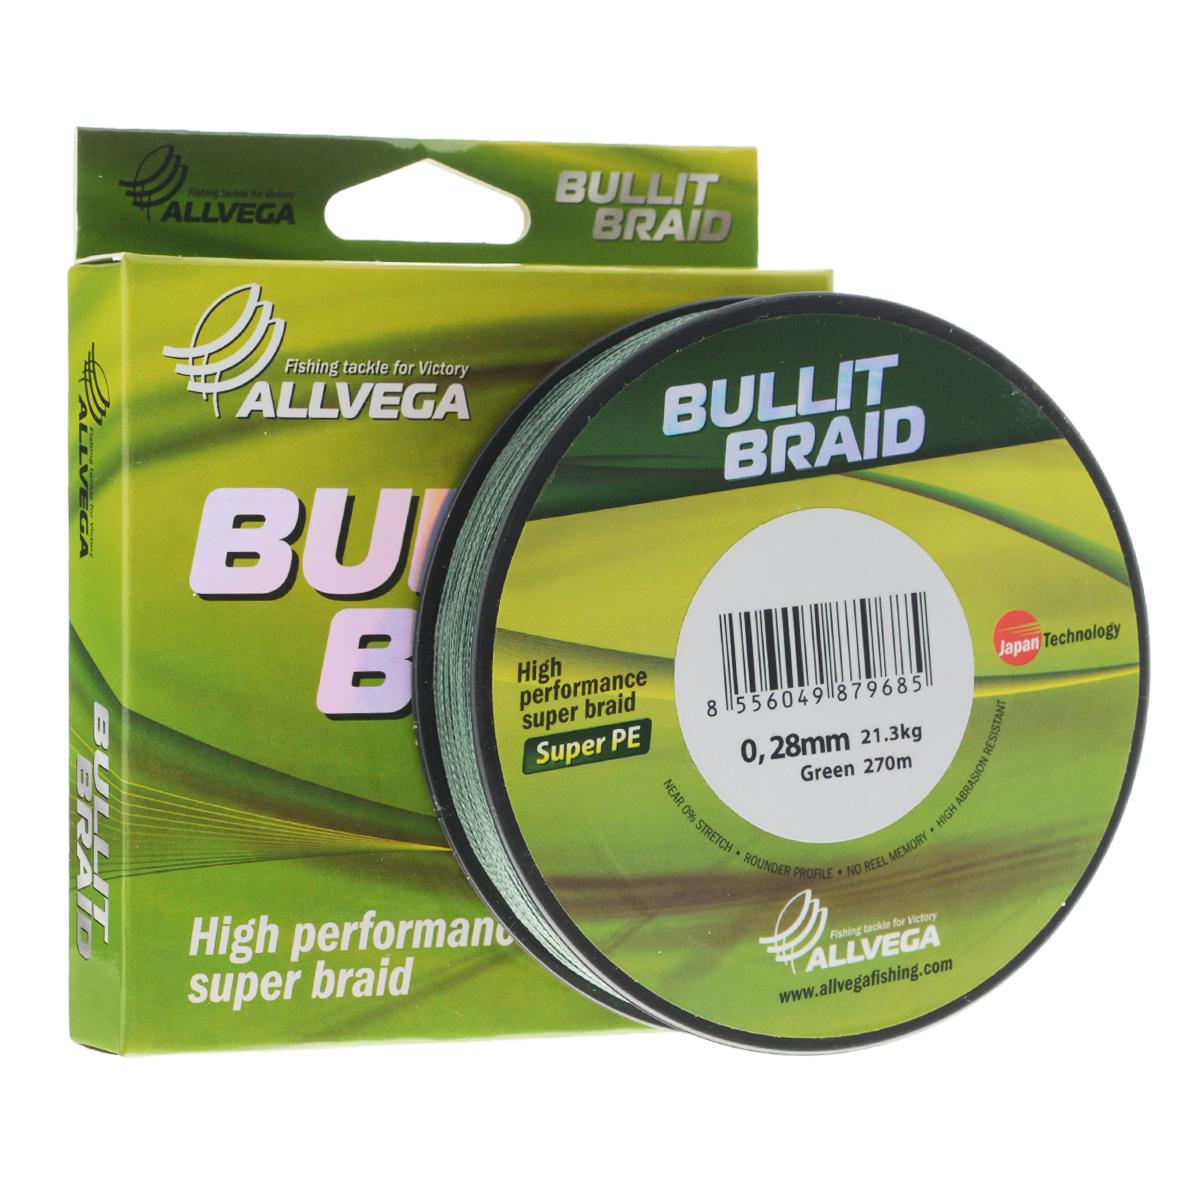 Леска плетеная Allvega Bullit Braid, цвет: темно-зеленый, 270 м, 0,28 мм, 21,3 кг51535Леска Allvega Bullit Braid с гладкой поверхностью и одинаковым сечением по всей длине обладает высокой износостойкостью. Благодаря микроволокнам полиэтилена (Super PE) леска имеет очень плотное плетение и не впитывает воду. Леску Allvega Bullit Braid можно применять в любых типах водоемов. Особенности:повышенная износостойкость;высокая чувствительность - коэффициент растяжения близок к нулю;отсутствует память; идеально гладкая поверхность позволяет увеличить дальность забросов; высокая прочность шнура на узлах.